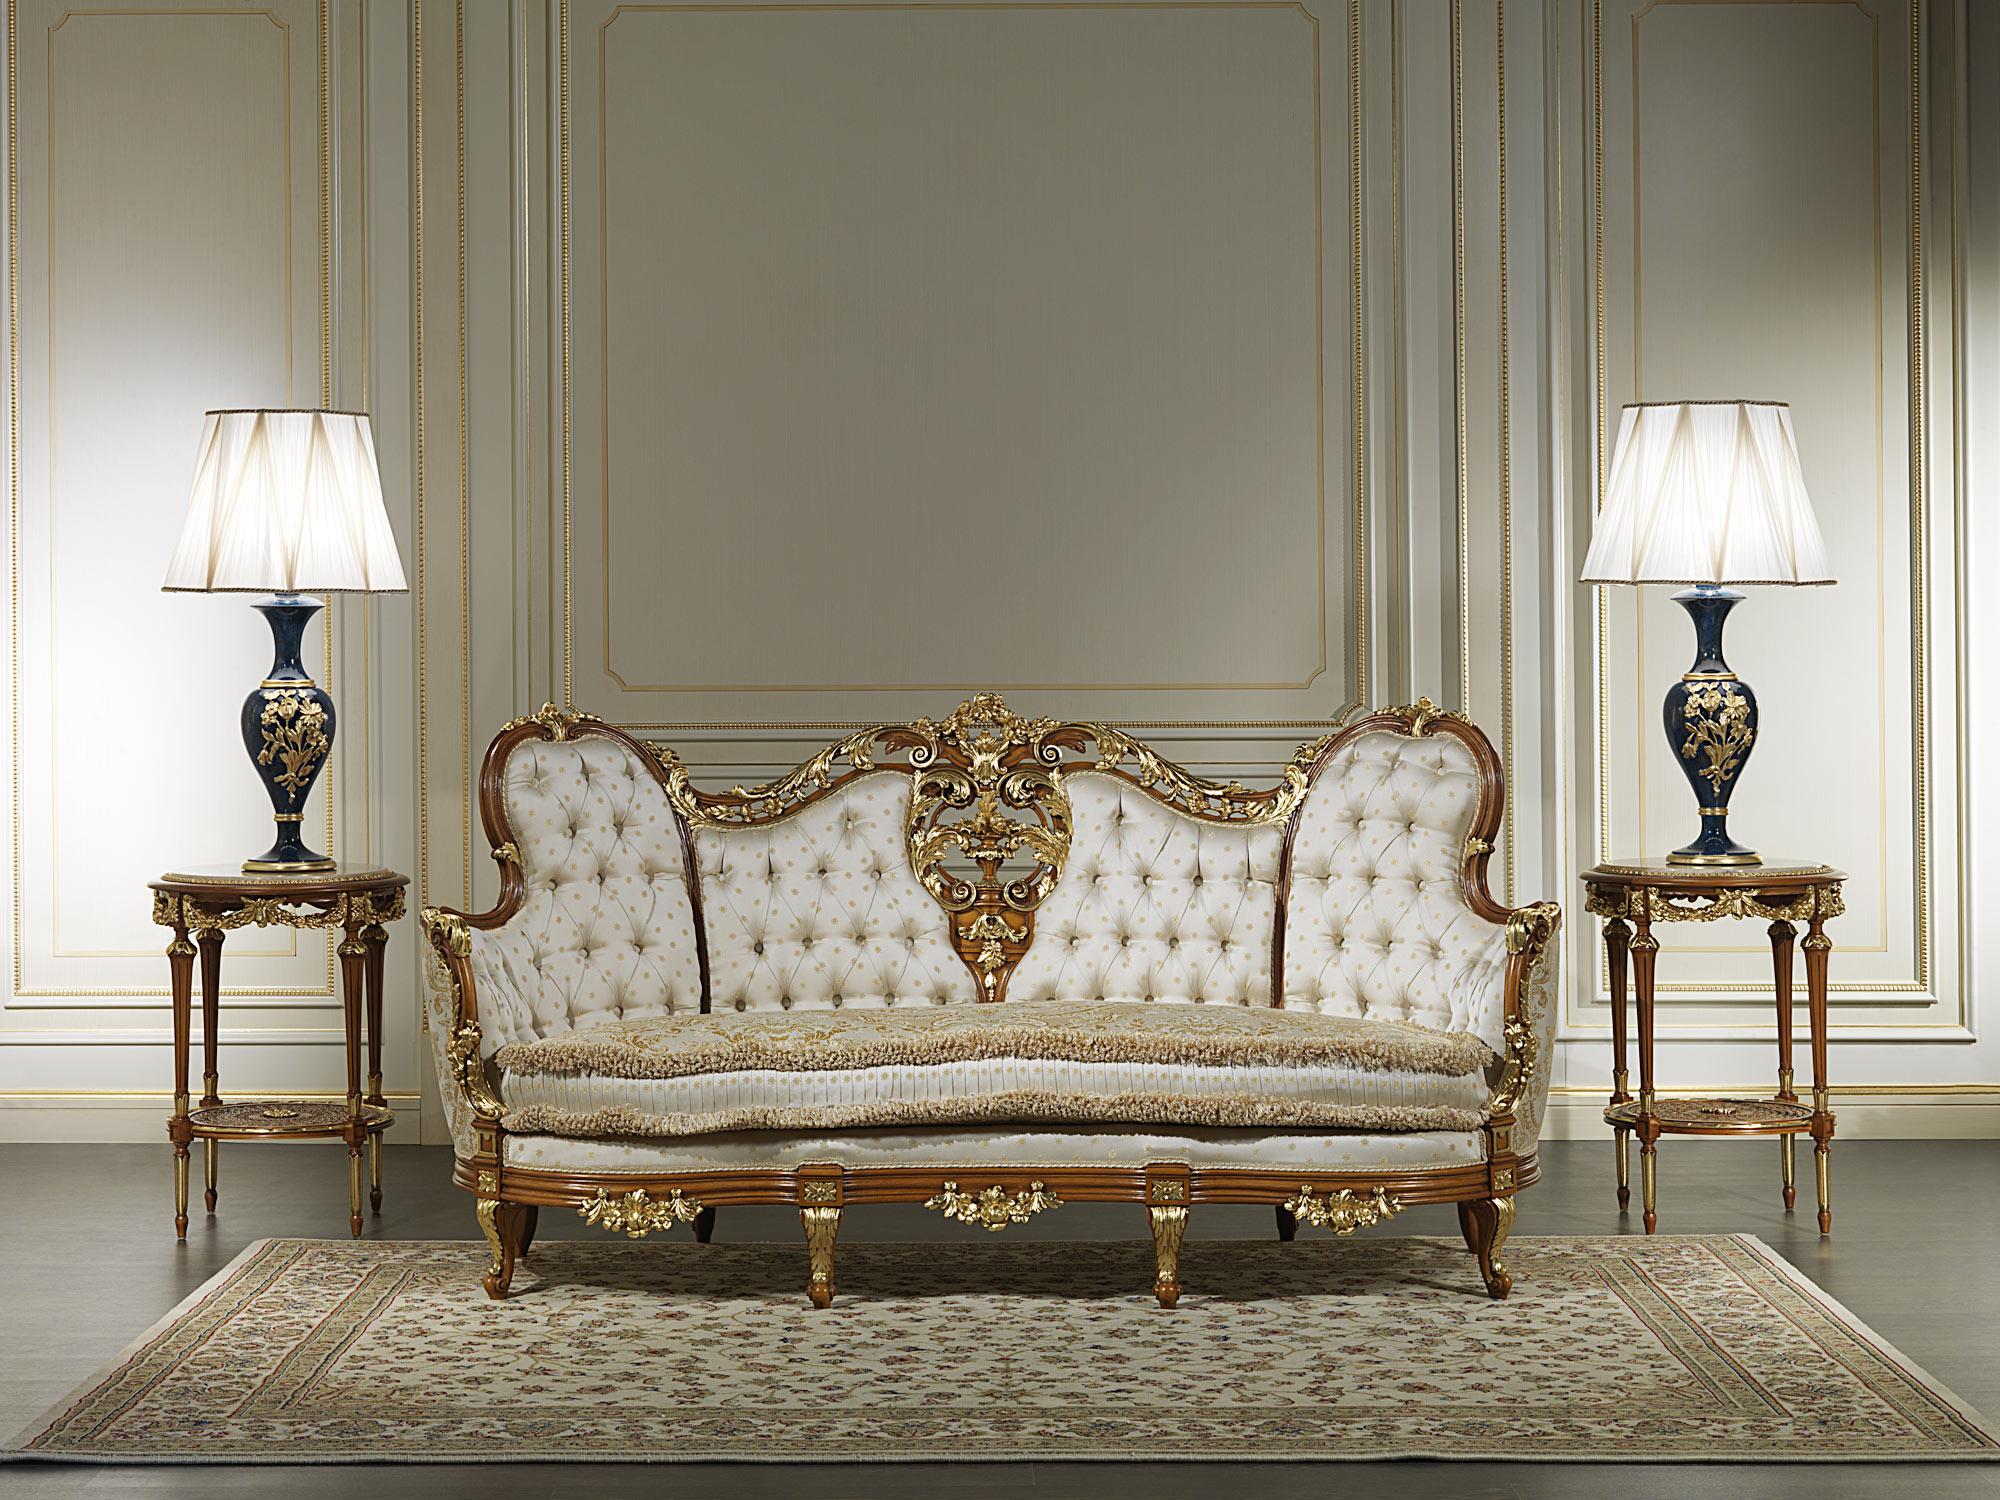 Divano ottocento di lusso vimercati meda - Divano classico lusso ...